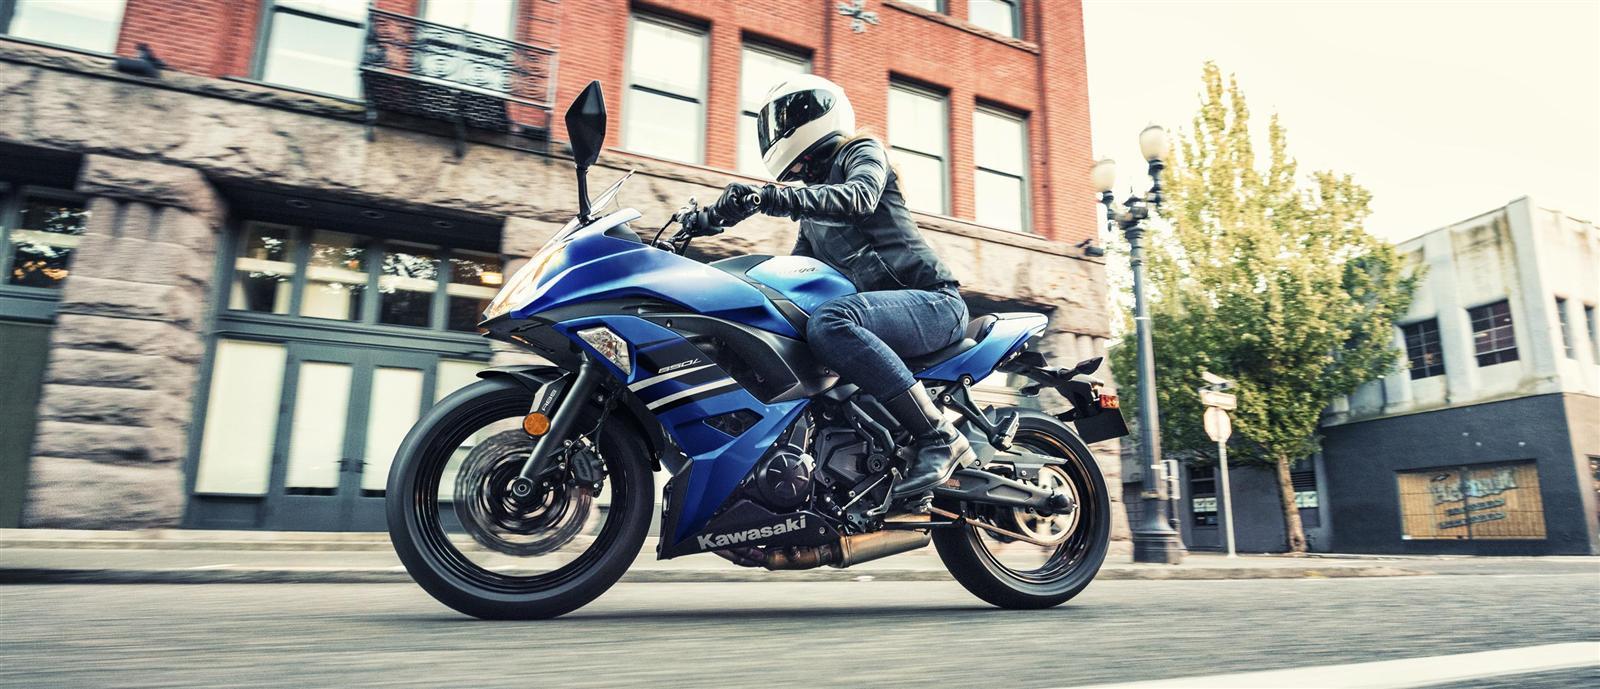 Ninja 650 My 2018 Kawasaki United Kingdom